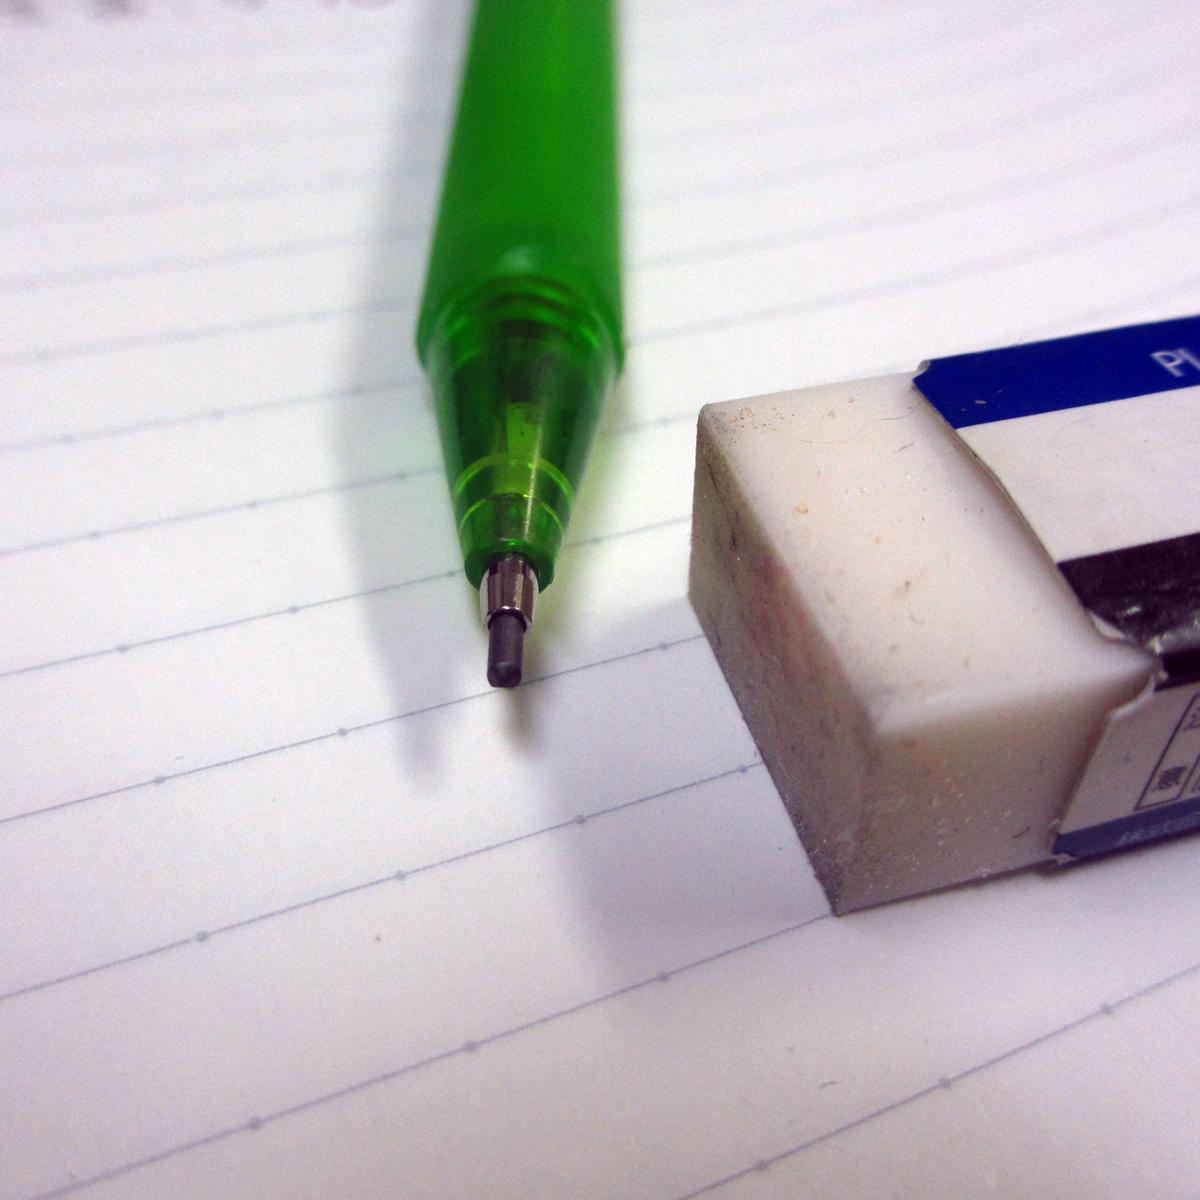 シャーペンと消しゴムとノート20150704 (1)